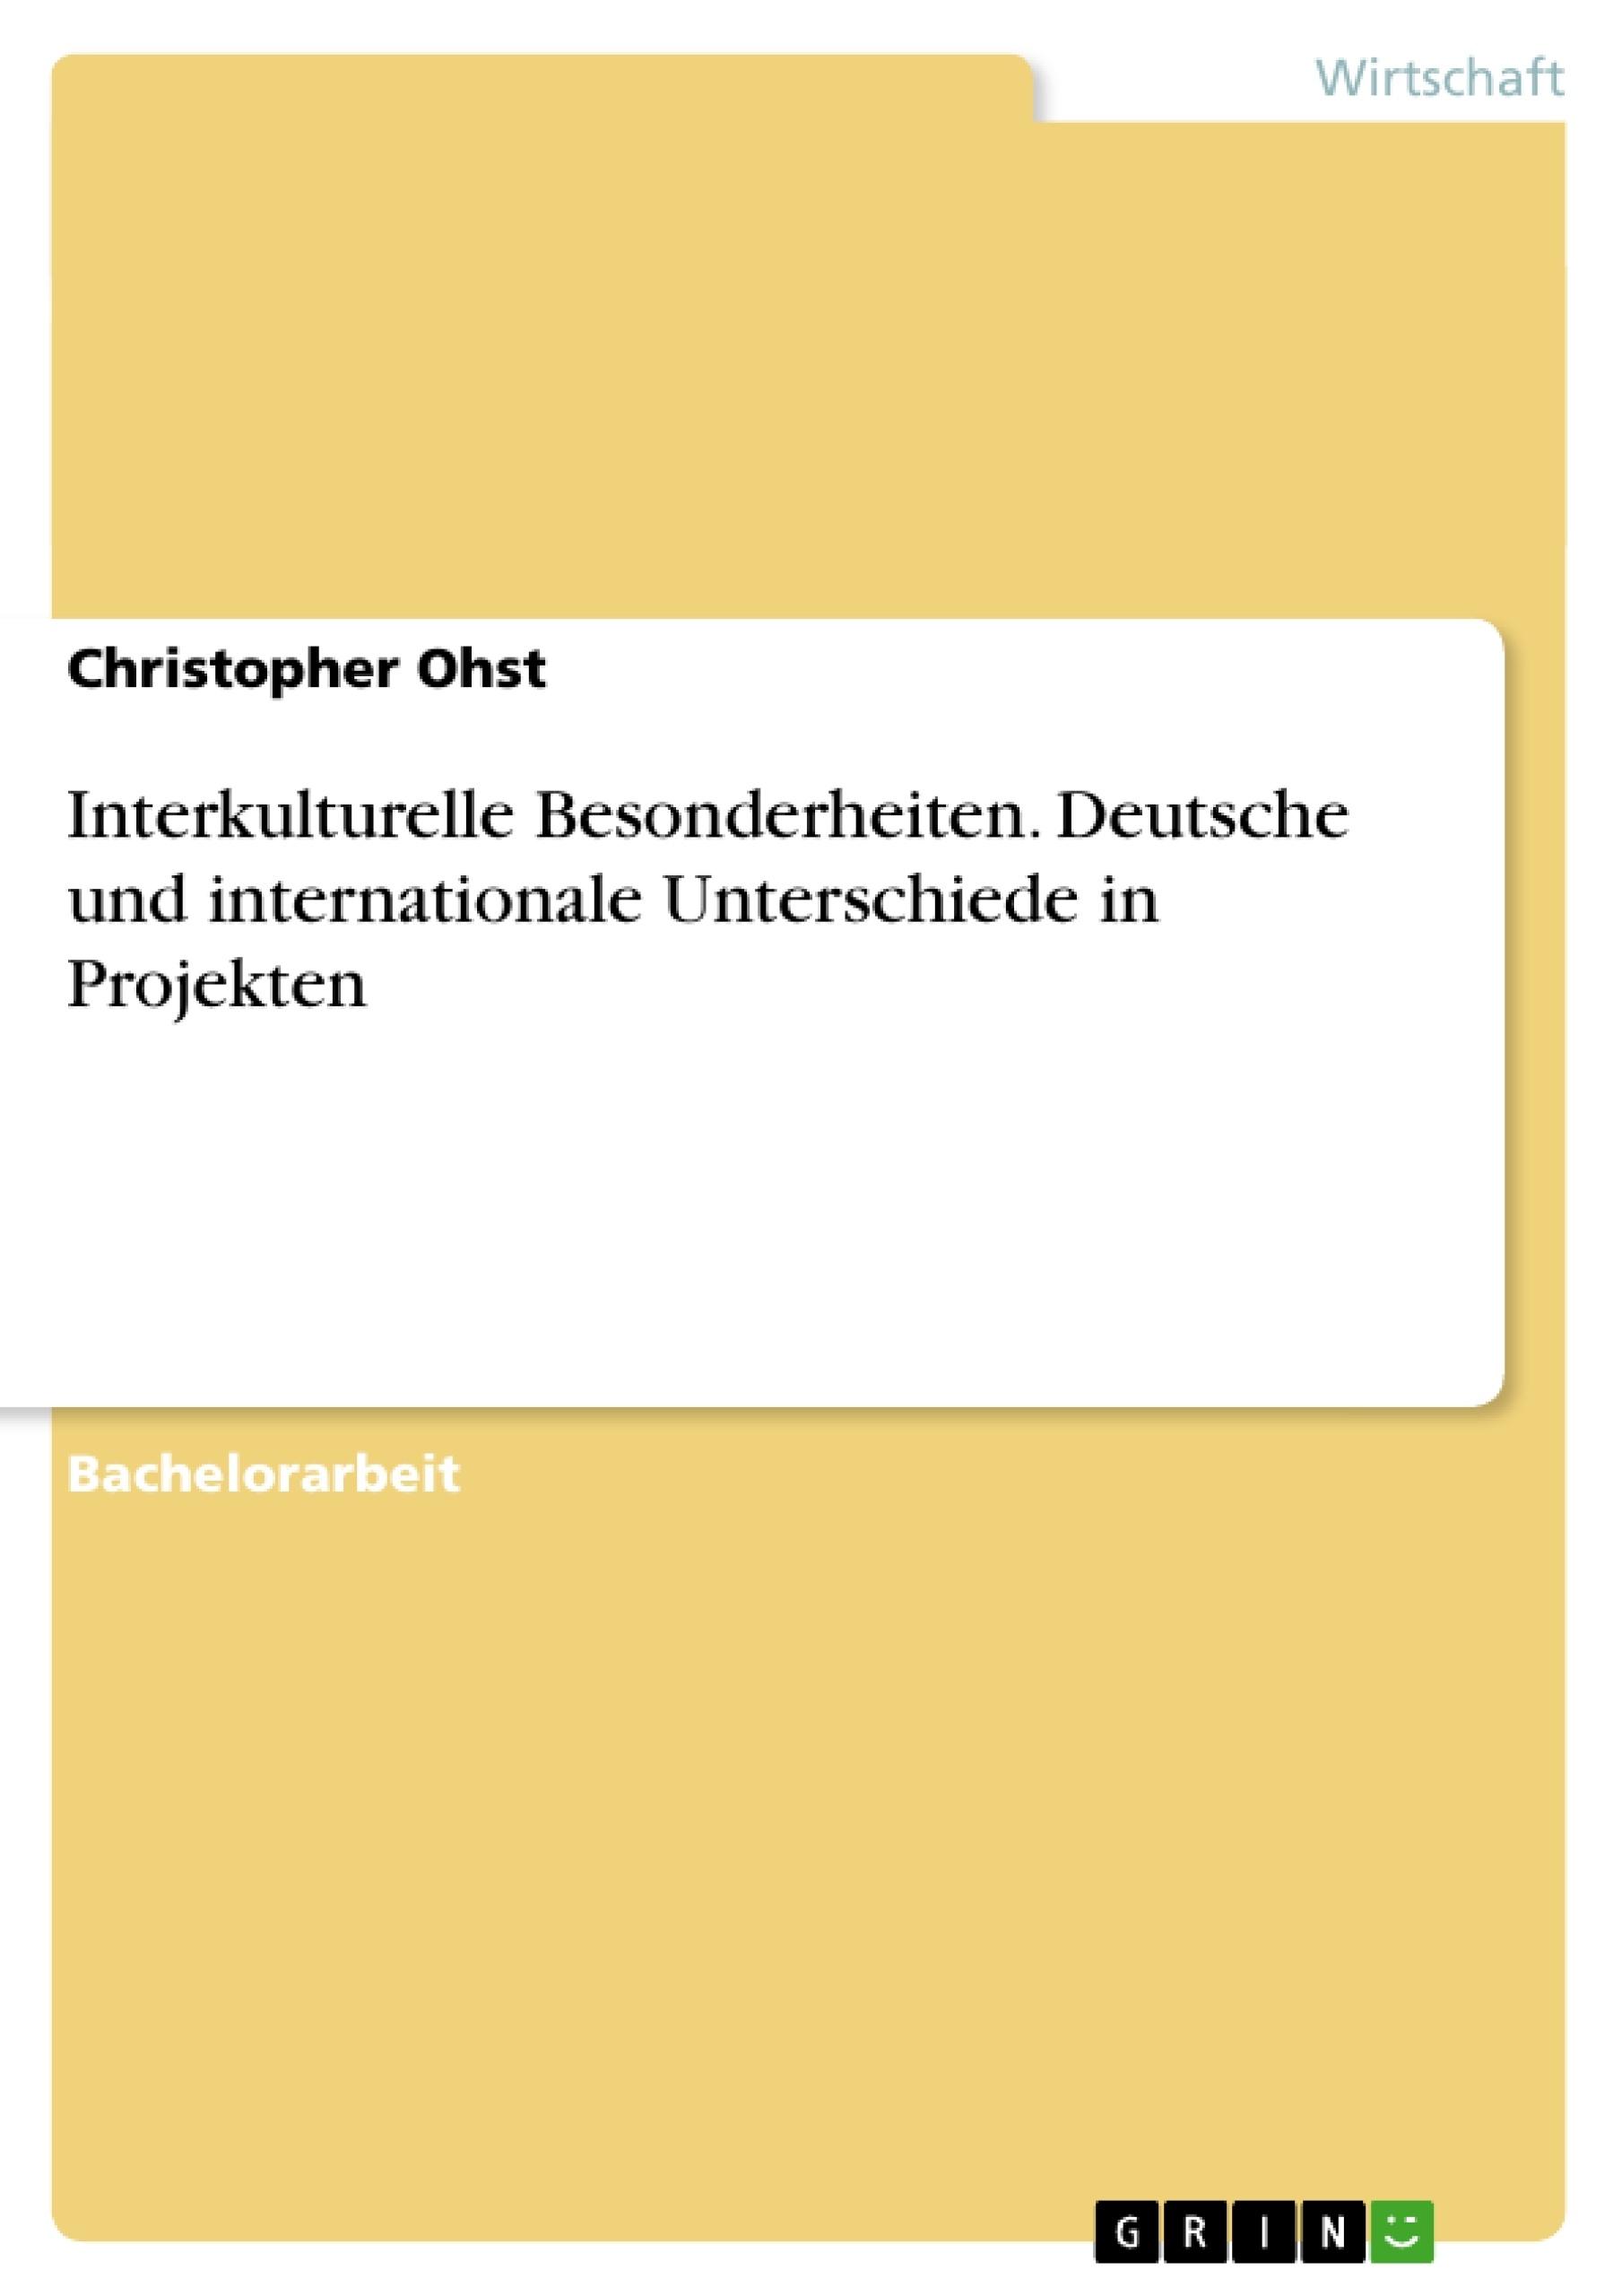 Titel: Interkulturelle Besonderheiten. Deutsche und internationale Unterschiede in Projekten